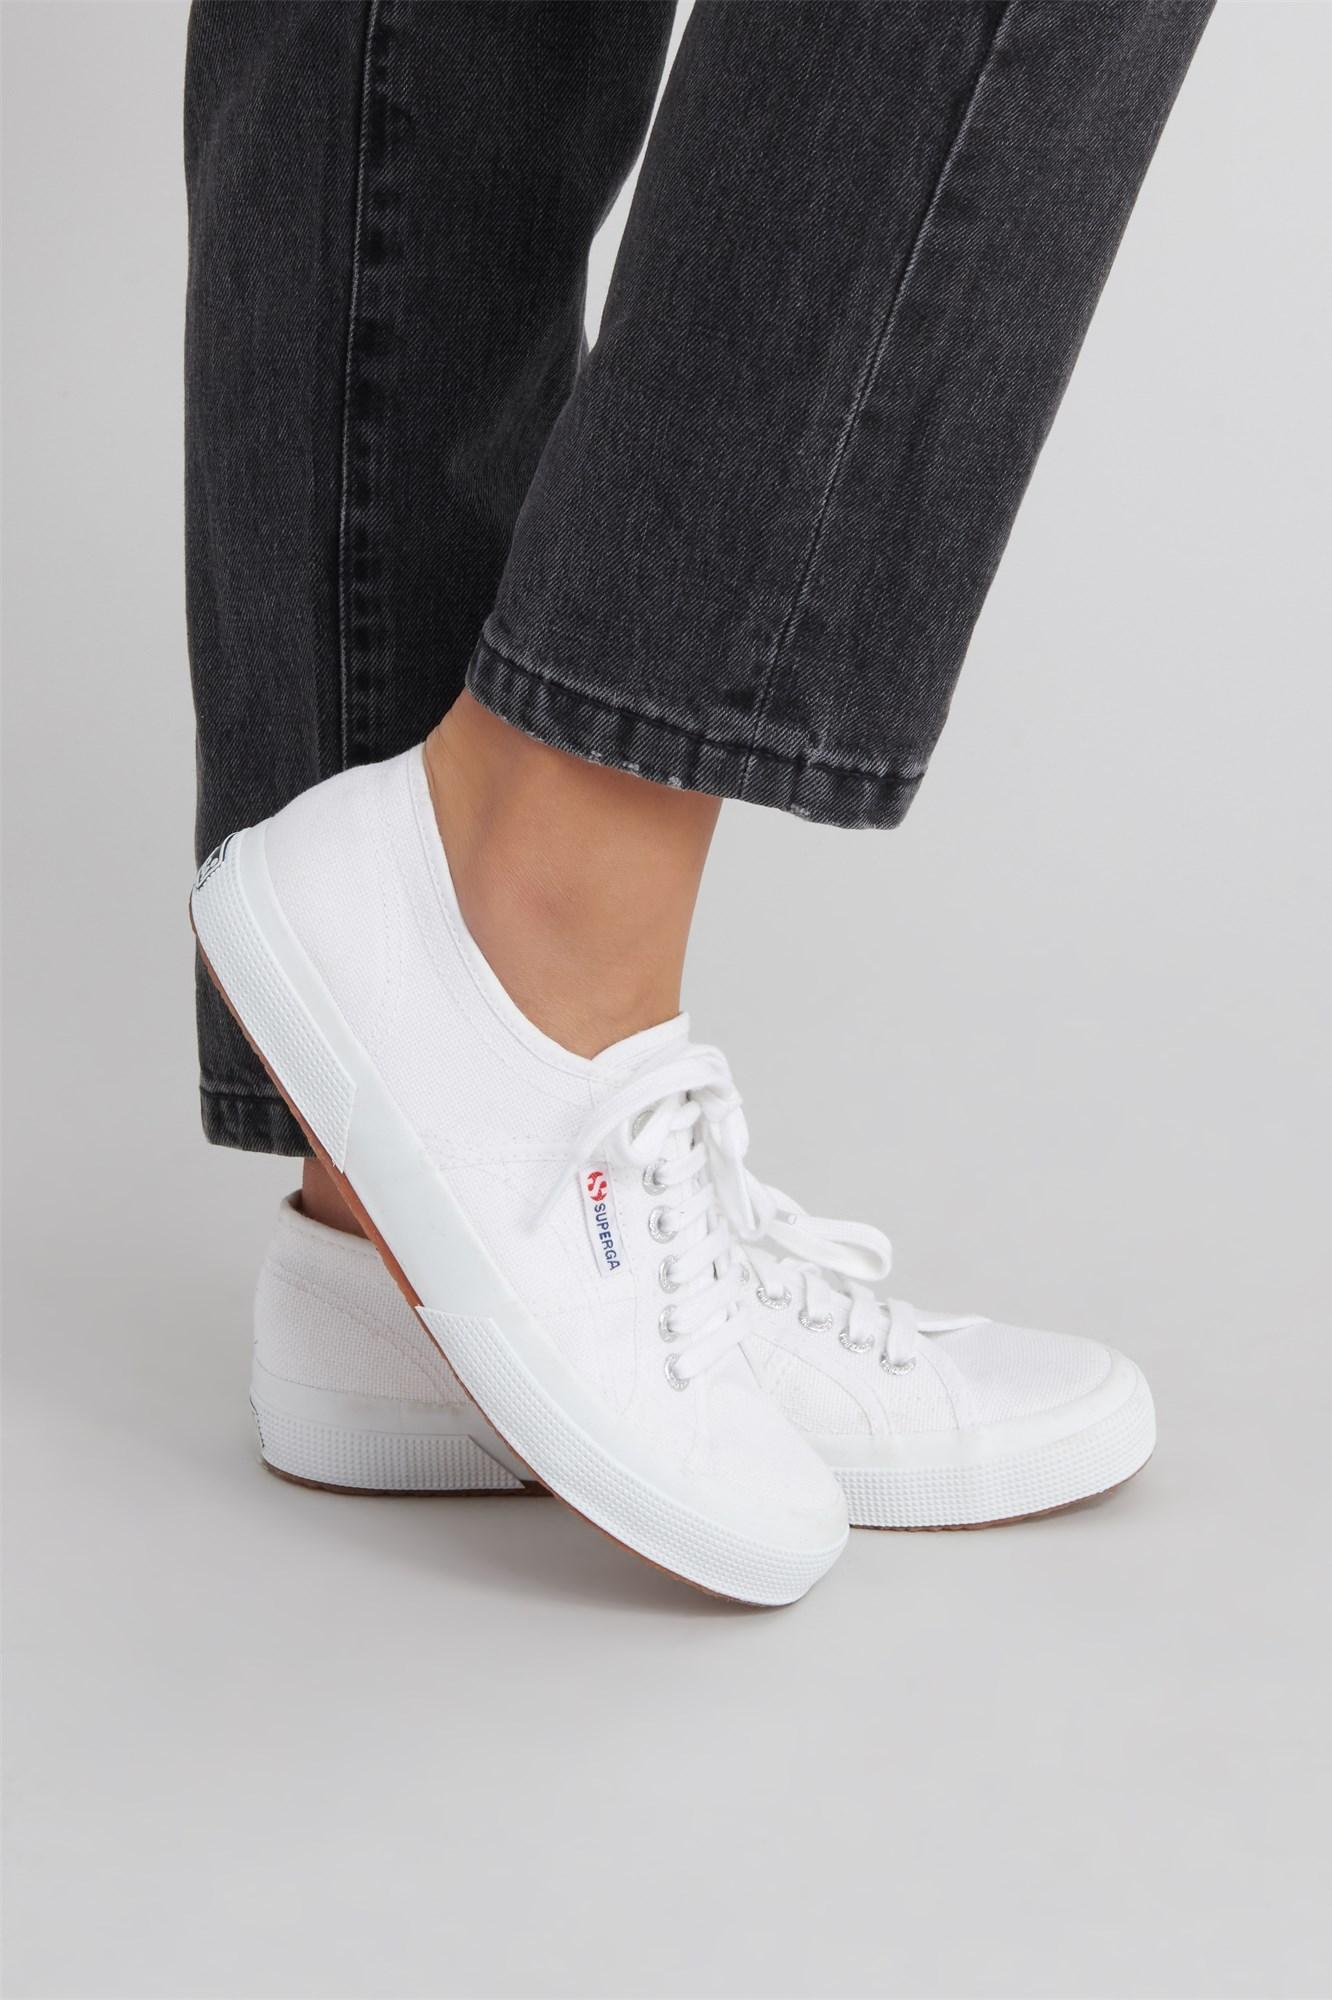 size 40 b10e6 2a8b5 Superga 2750 Cotu Classic Sneakers